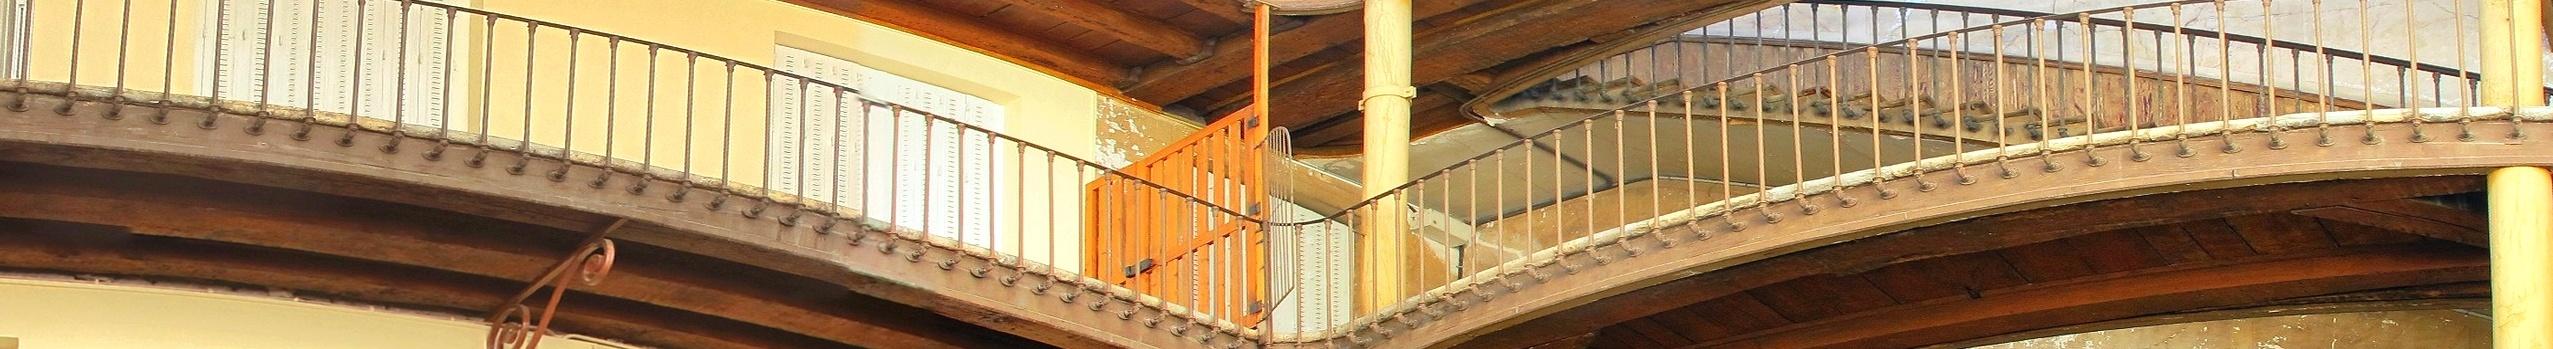 Escaliers Grande Rue